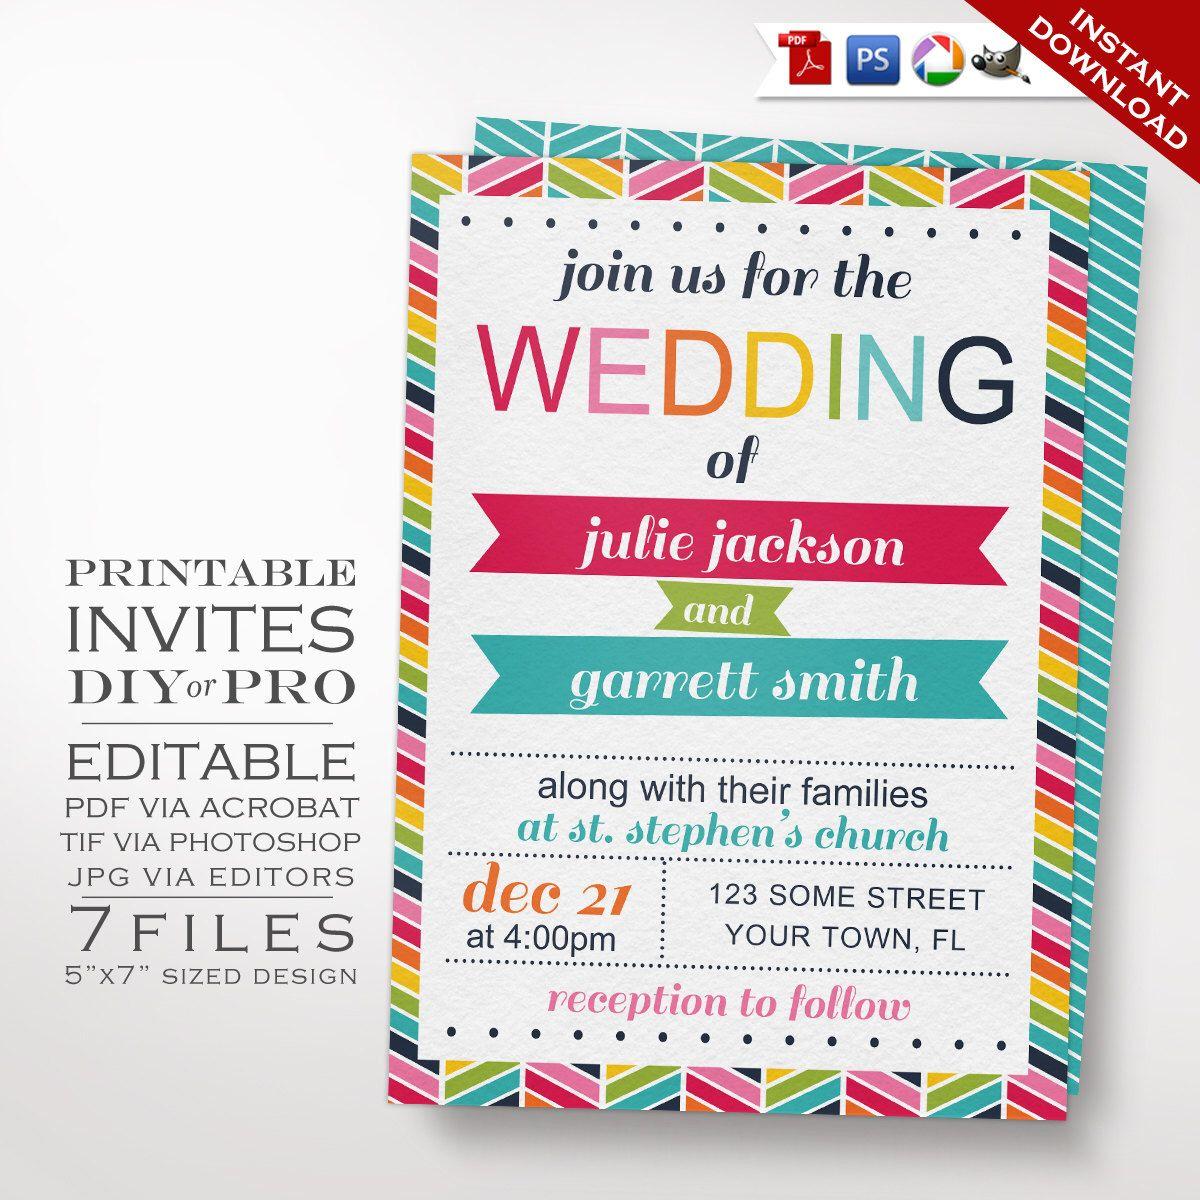 Wedding Invitation Template - Rainbow Wedding Invitation - Printable ...